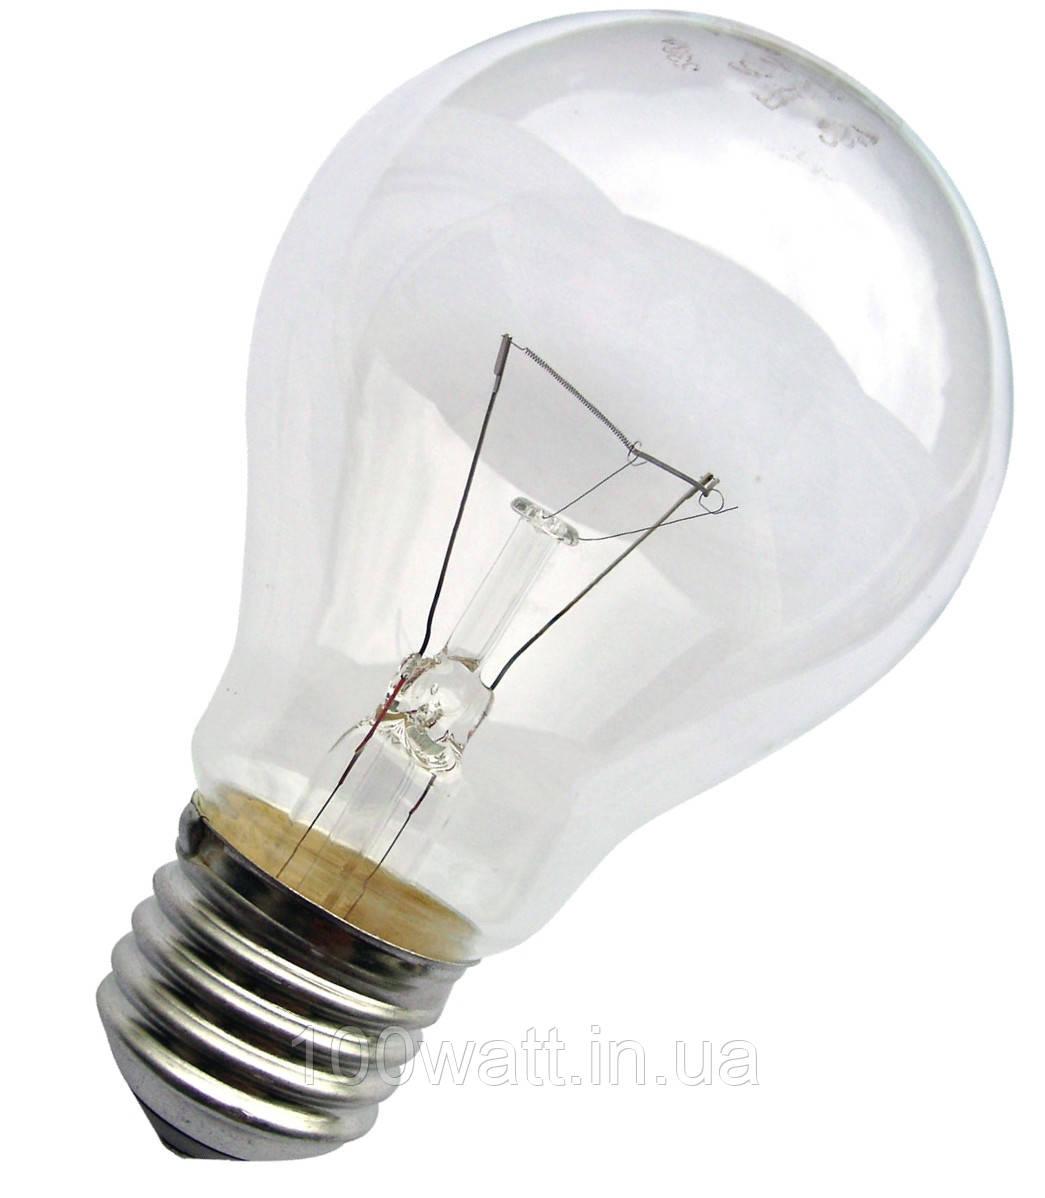 Лампа розжарювання МО 24-60 Вт Е27